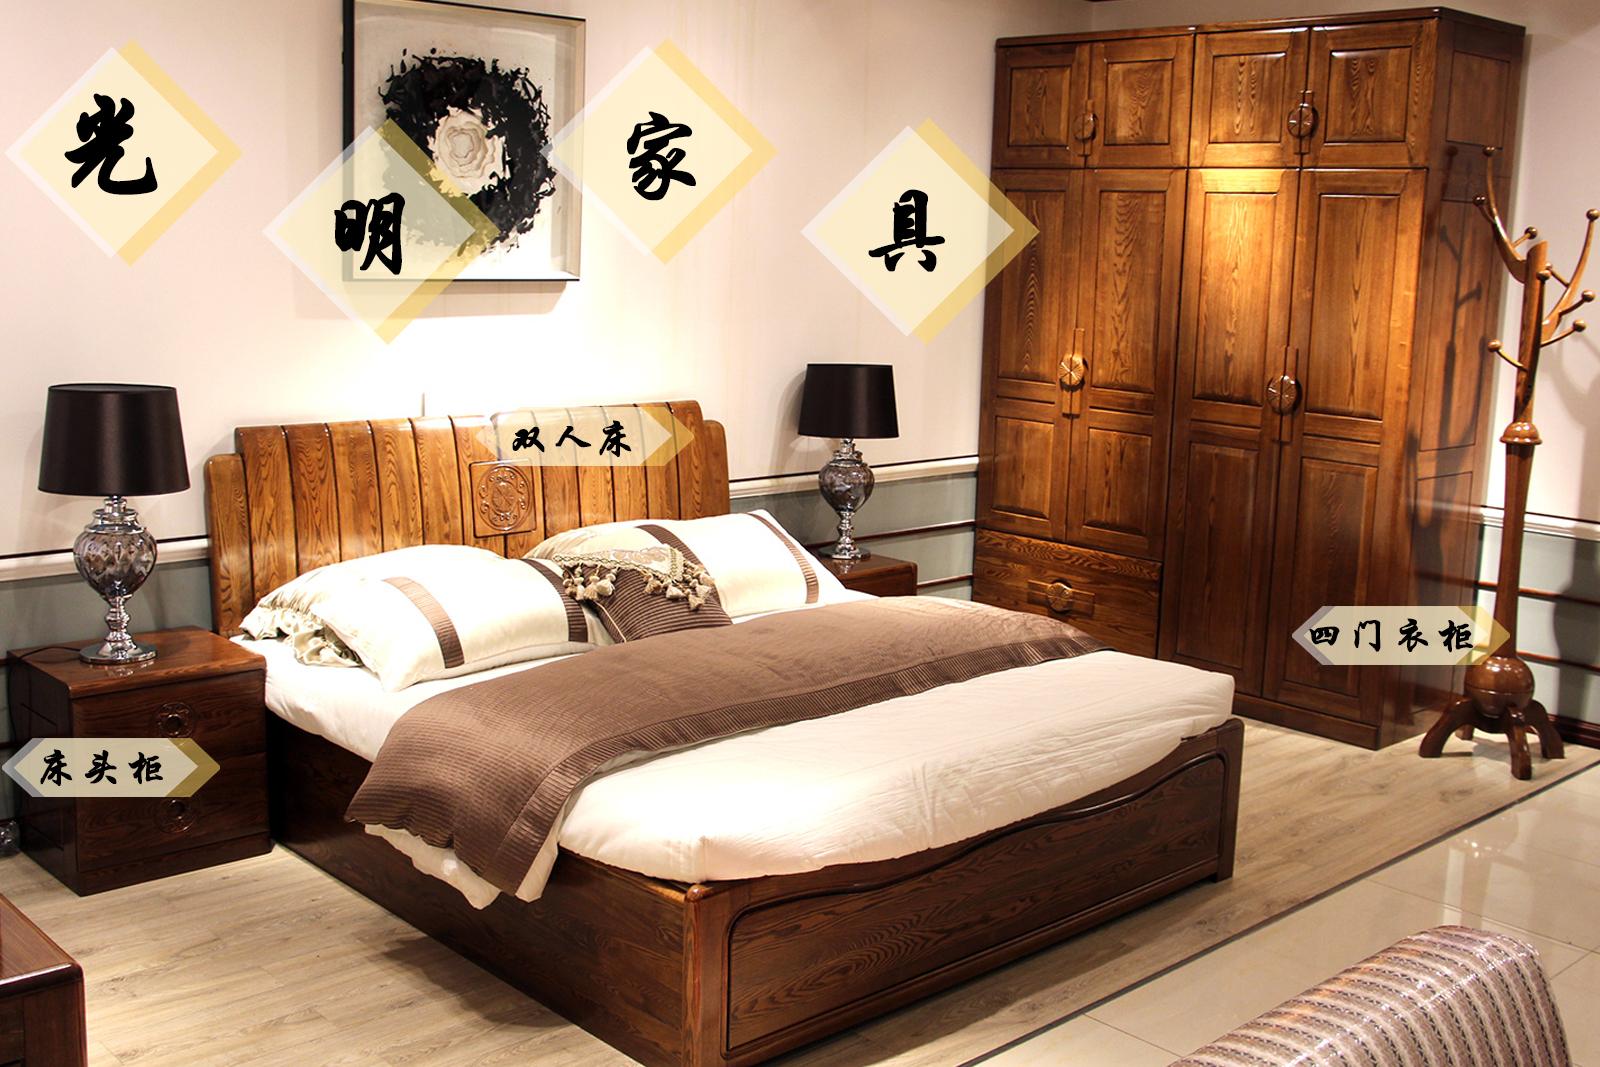 光明卧室家具实木制造缔造美好新生活